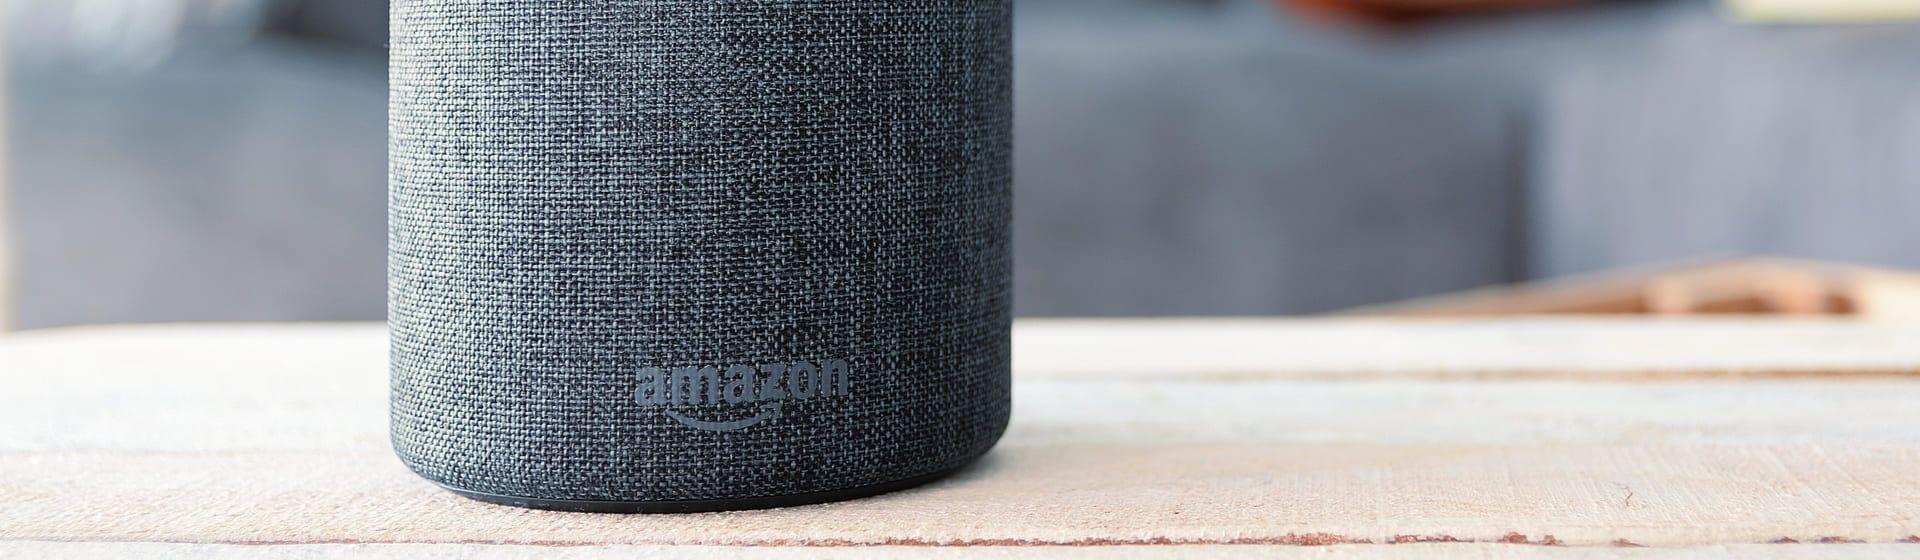 Echo Studio vs Echo Dot 4: quais as diferenças entre esses smart speakers da Amazon?